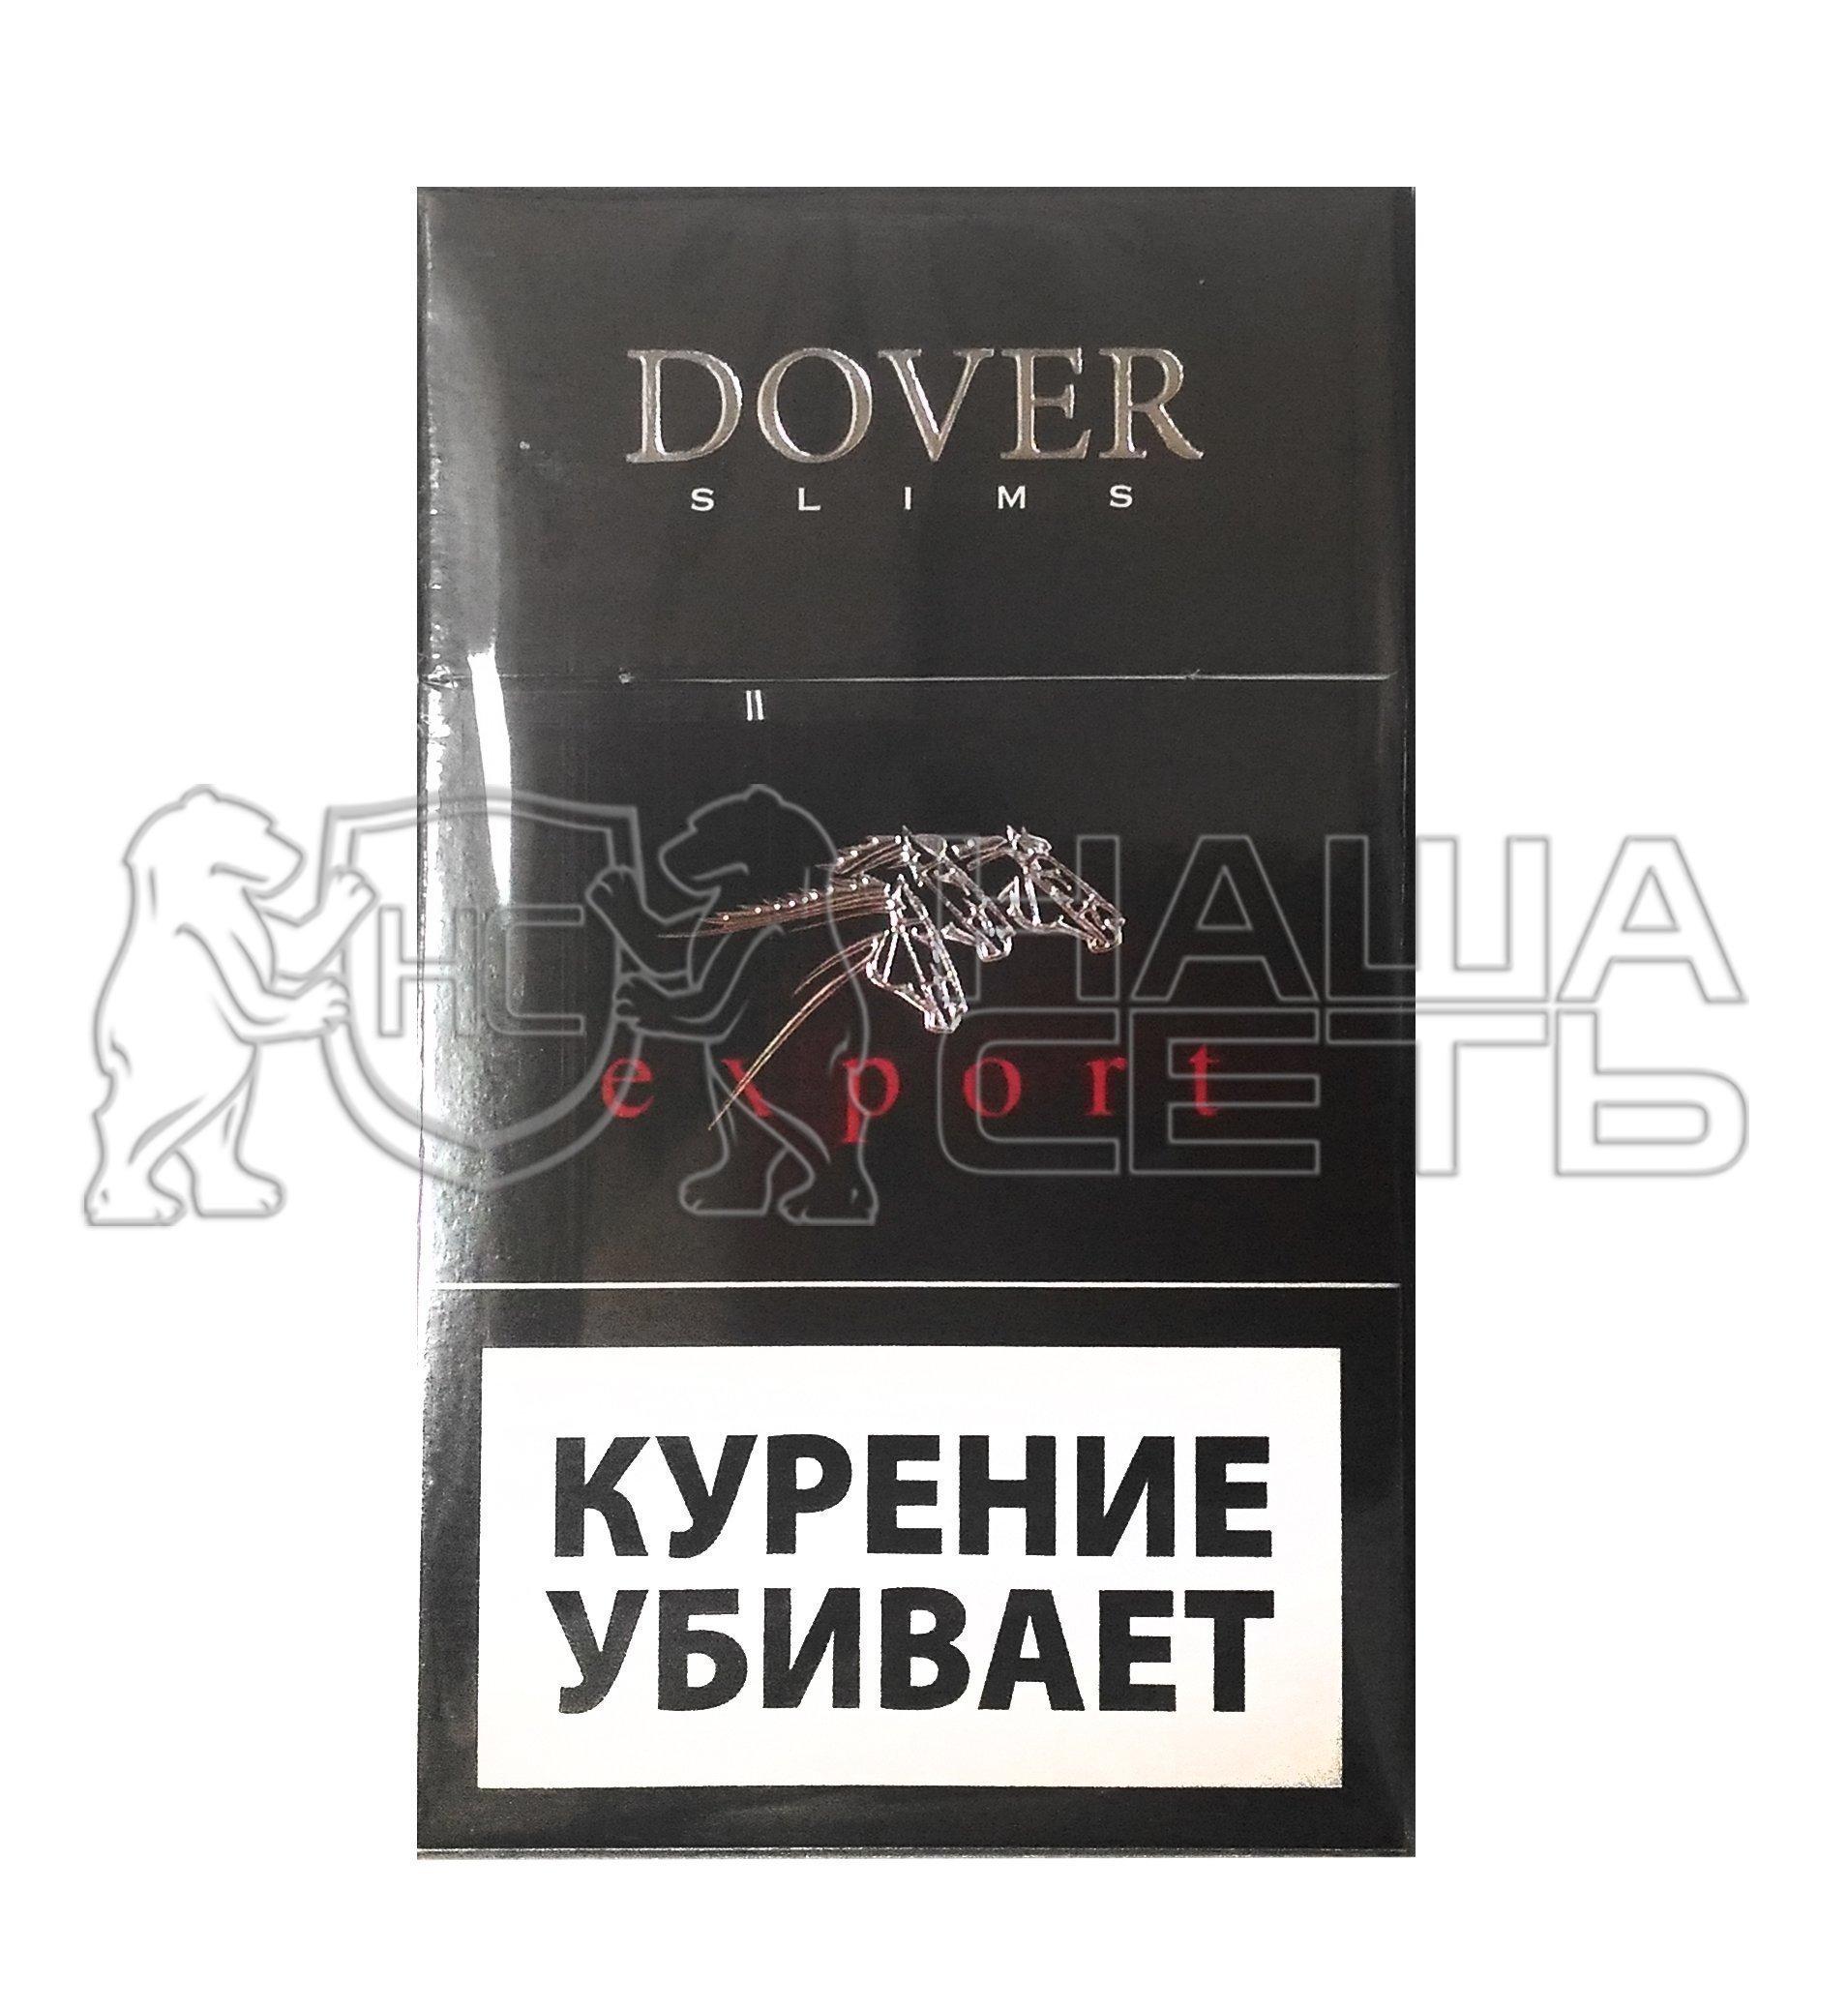 Сигареты dover черный купить купить сигареты в москве самовывоз